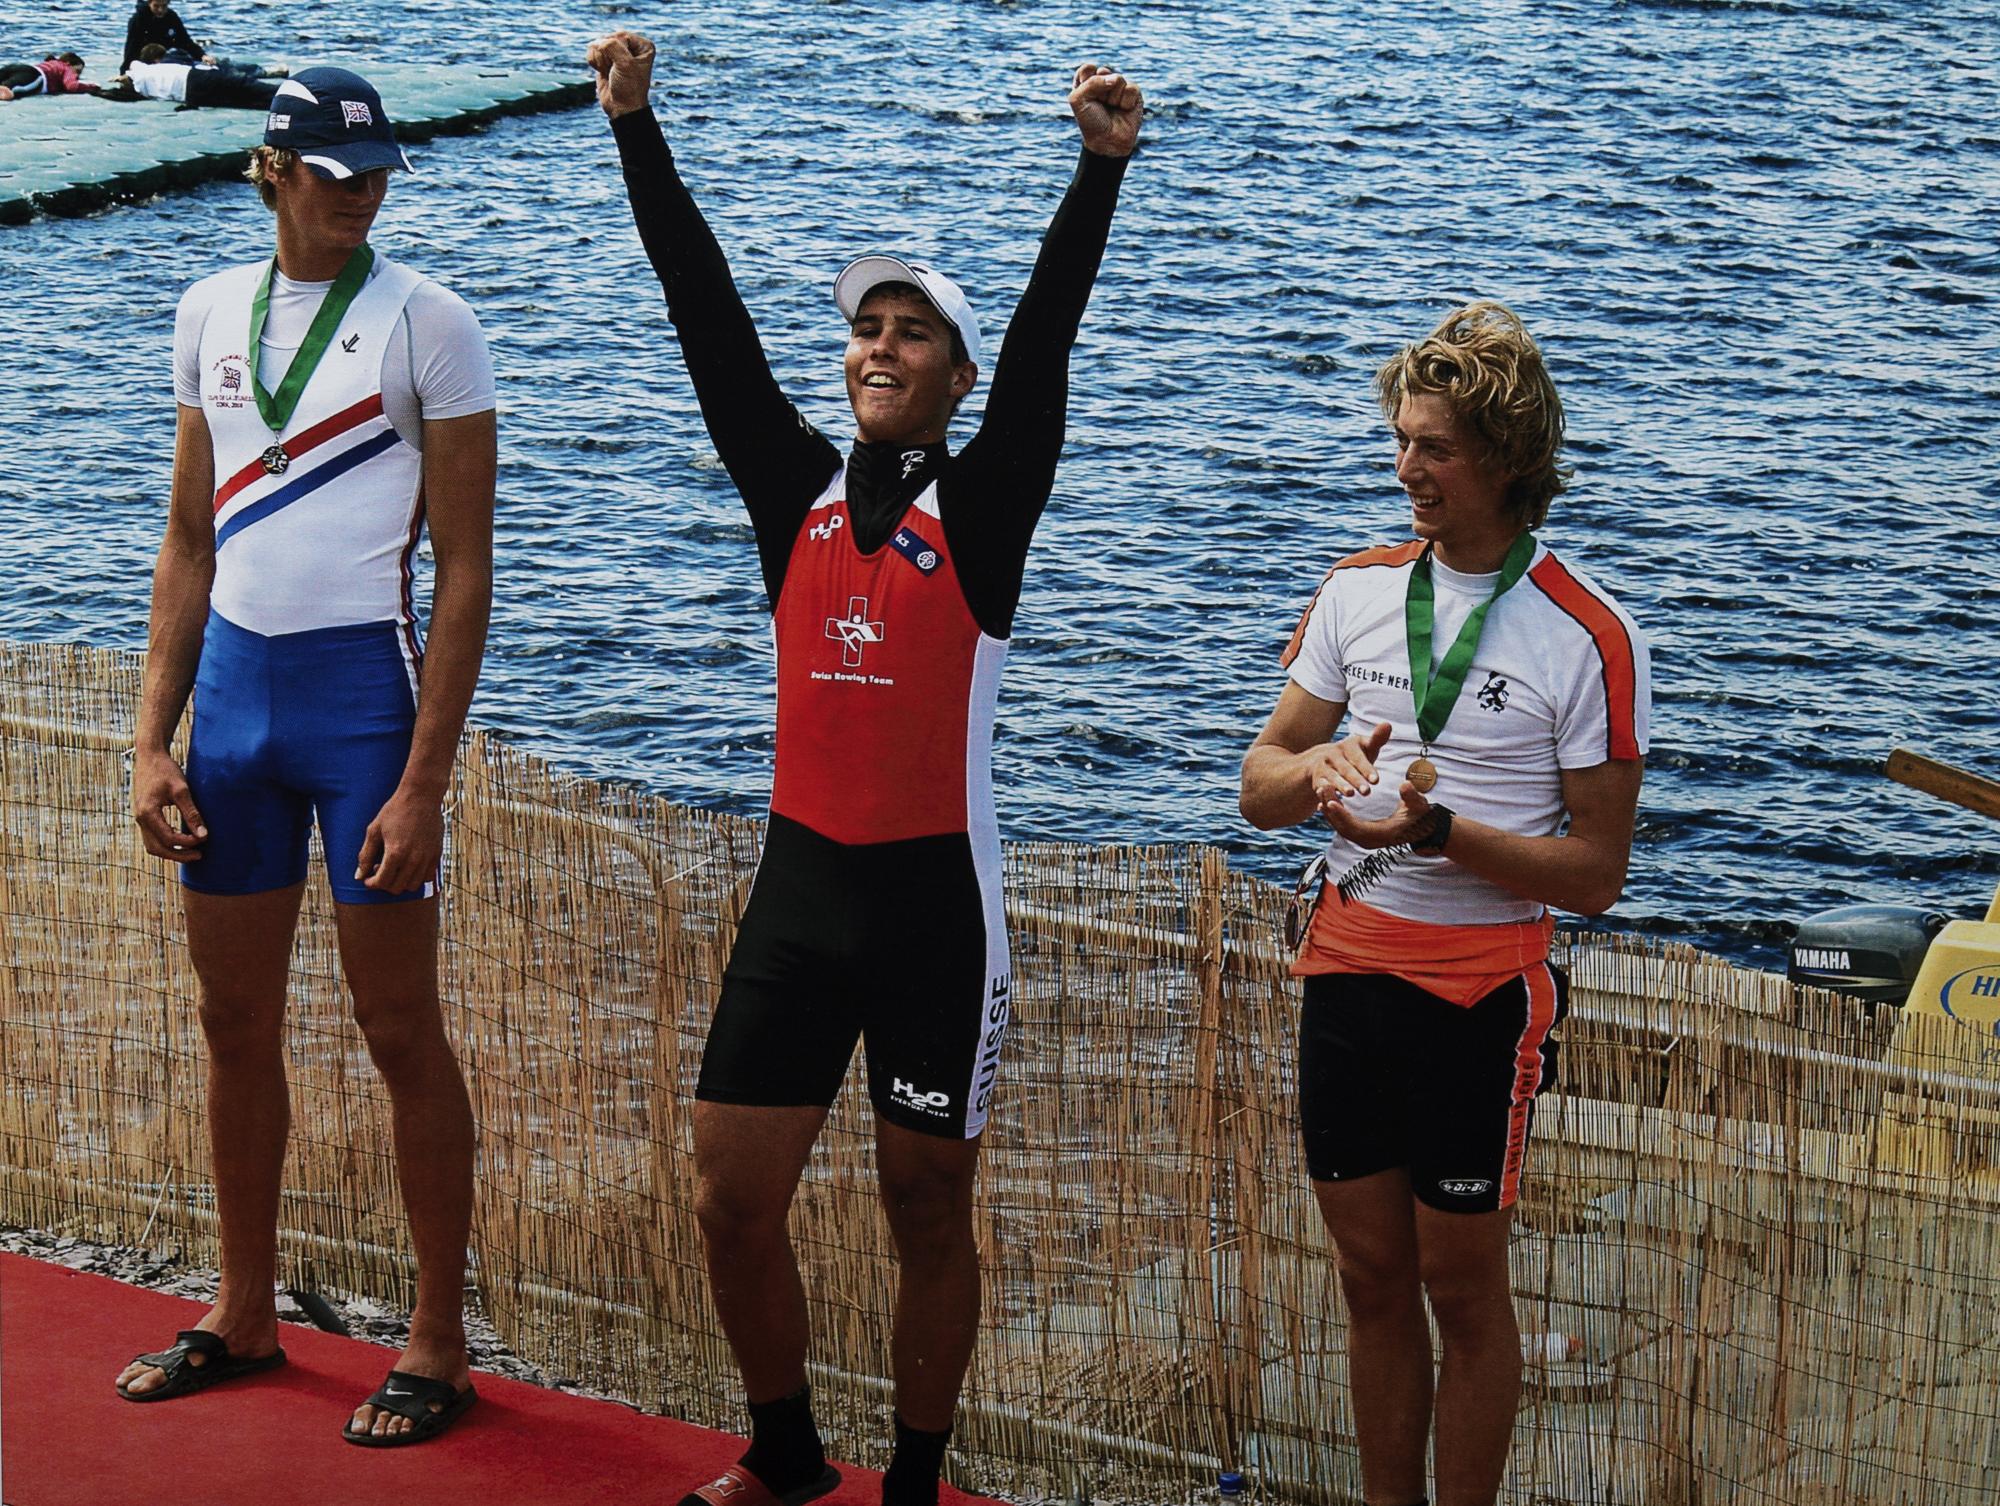 das alles führt zu Erfolgen...Manuel Breitenmoser siegt im Skiff am Coupe de la Jeunesse in Cork 2009 für die Schweiz